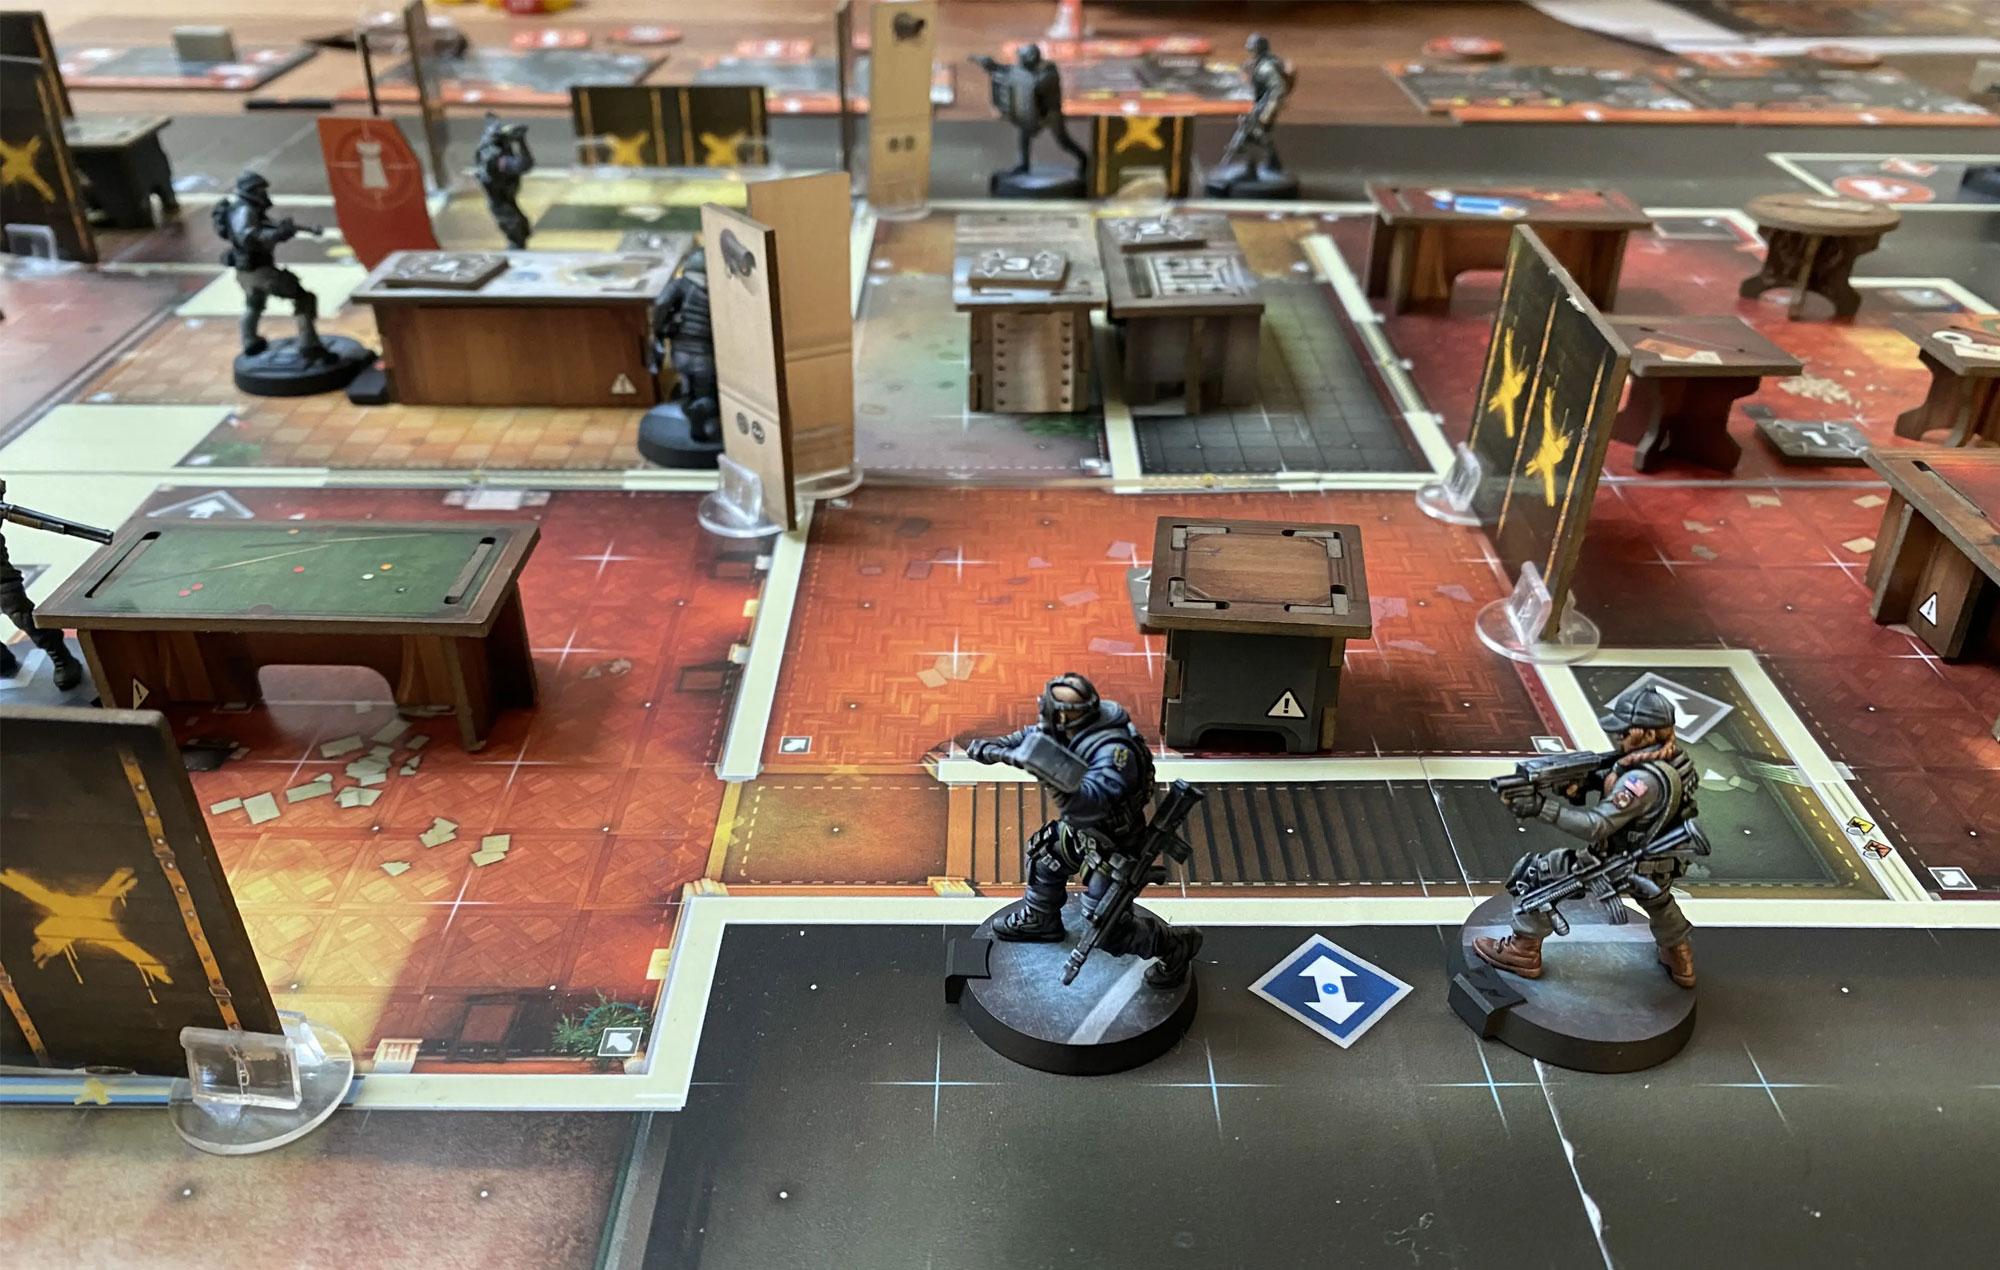 6: Siege – настолка по Rainbow Six, которая выглядит сложнее оригинальной игры